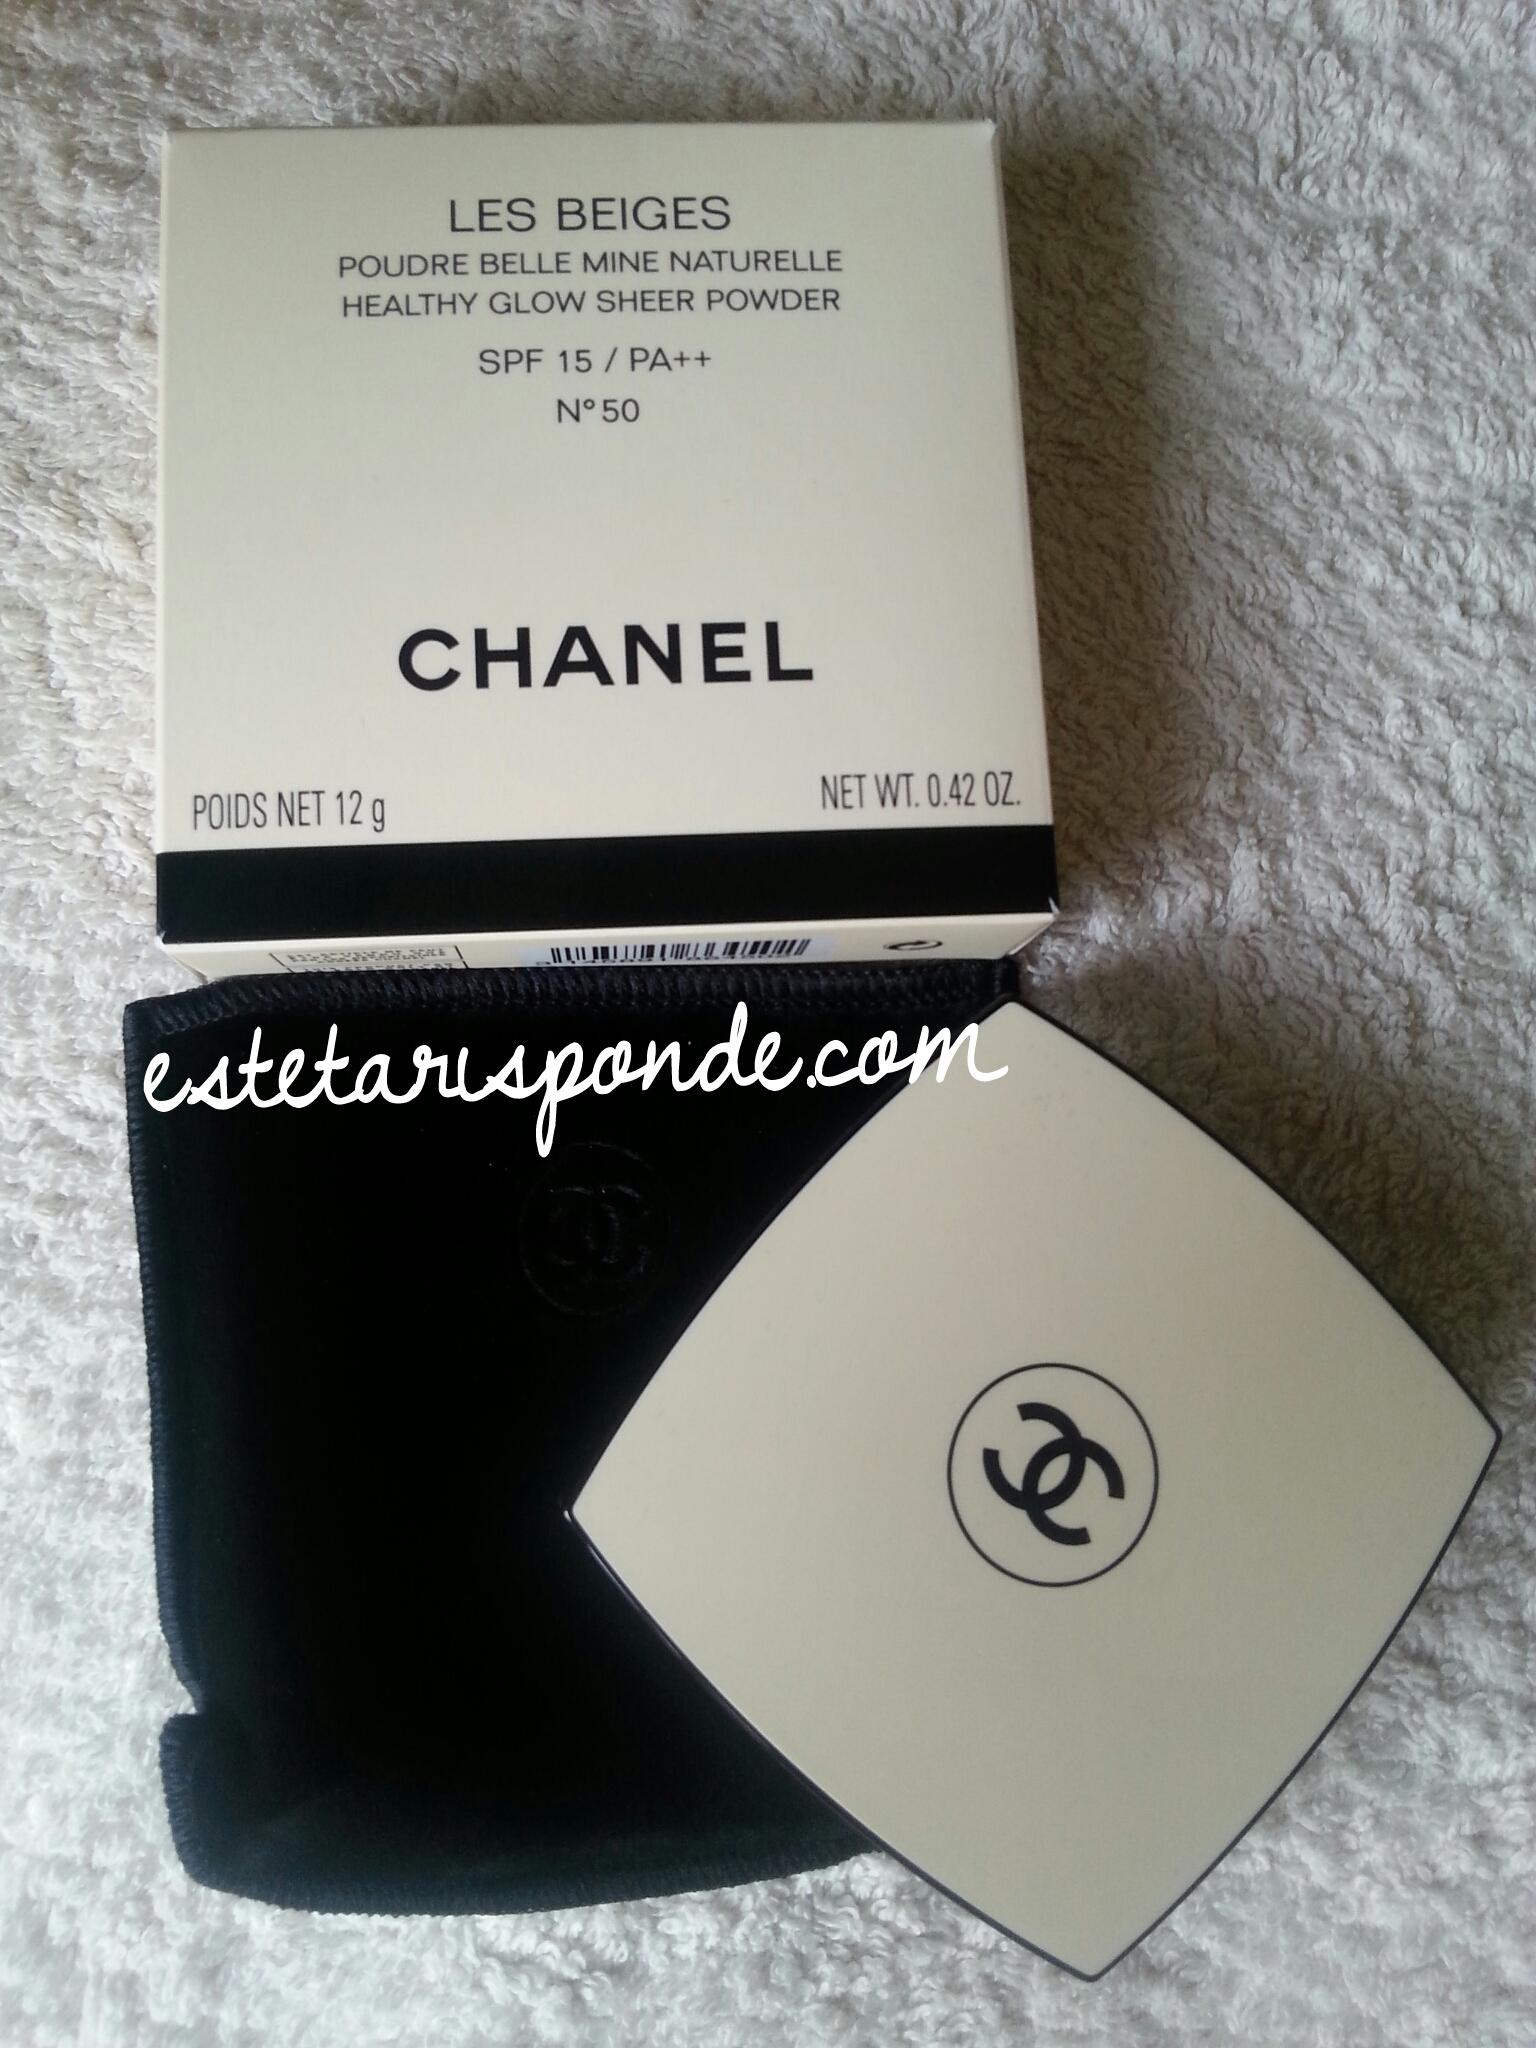 Les Beiges de Chanel